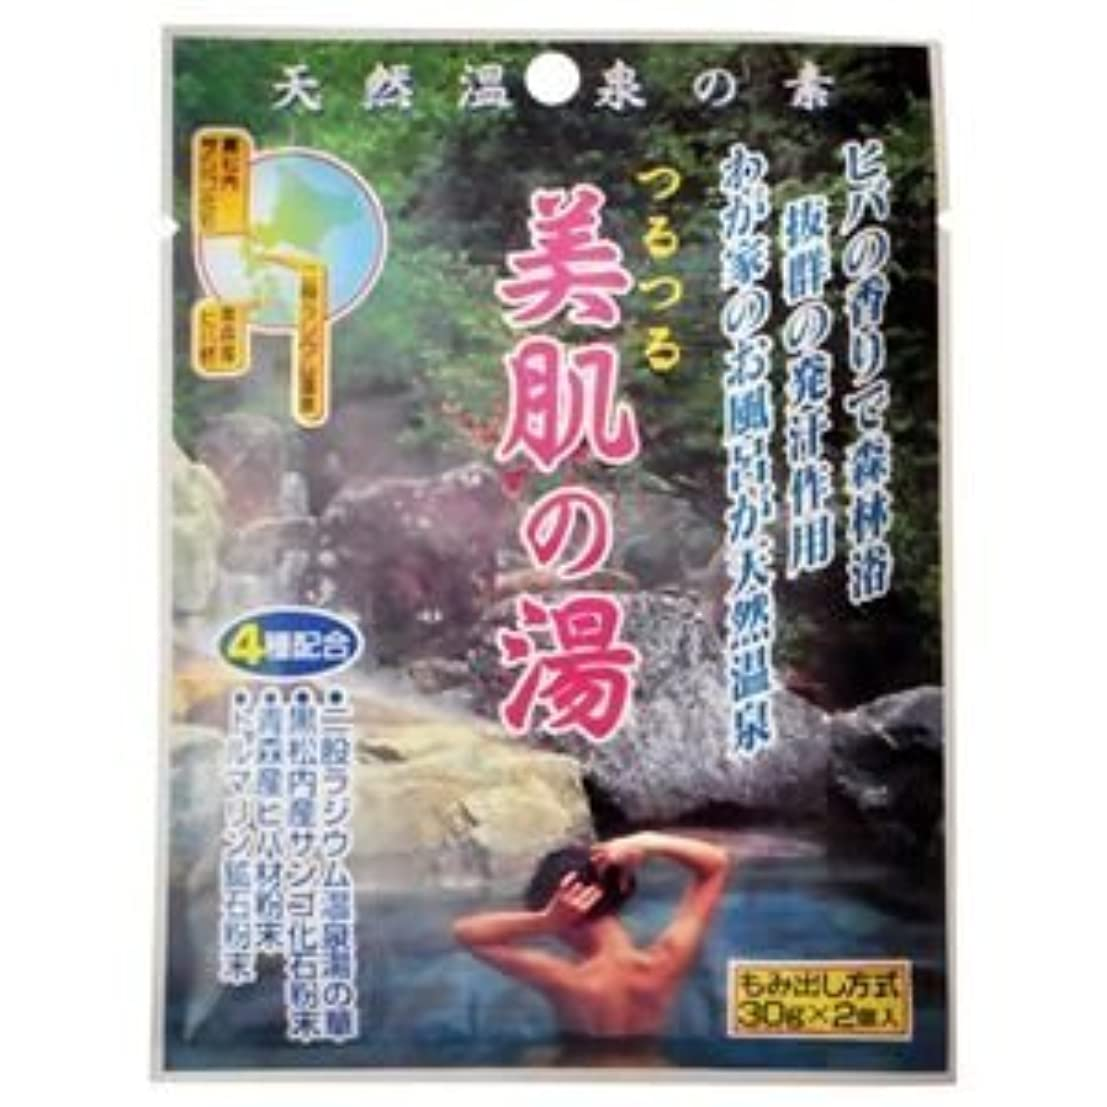 に渡って応じる類推天然温泉の素 つるつる美肌の湯 30g×2個入(入浴剤) (10個セット)